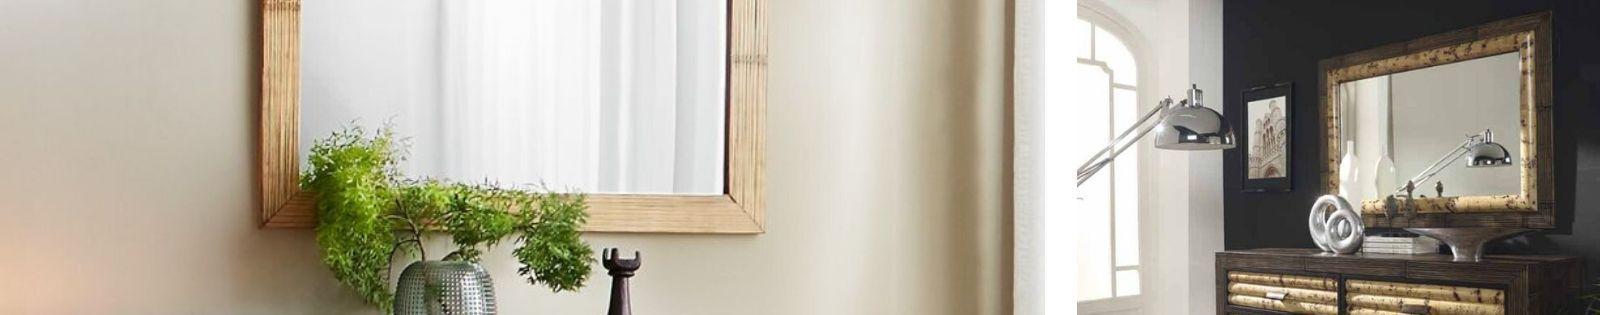 Miroirs en bambou : décoration haut de gamme en provenance d'Indonésie